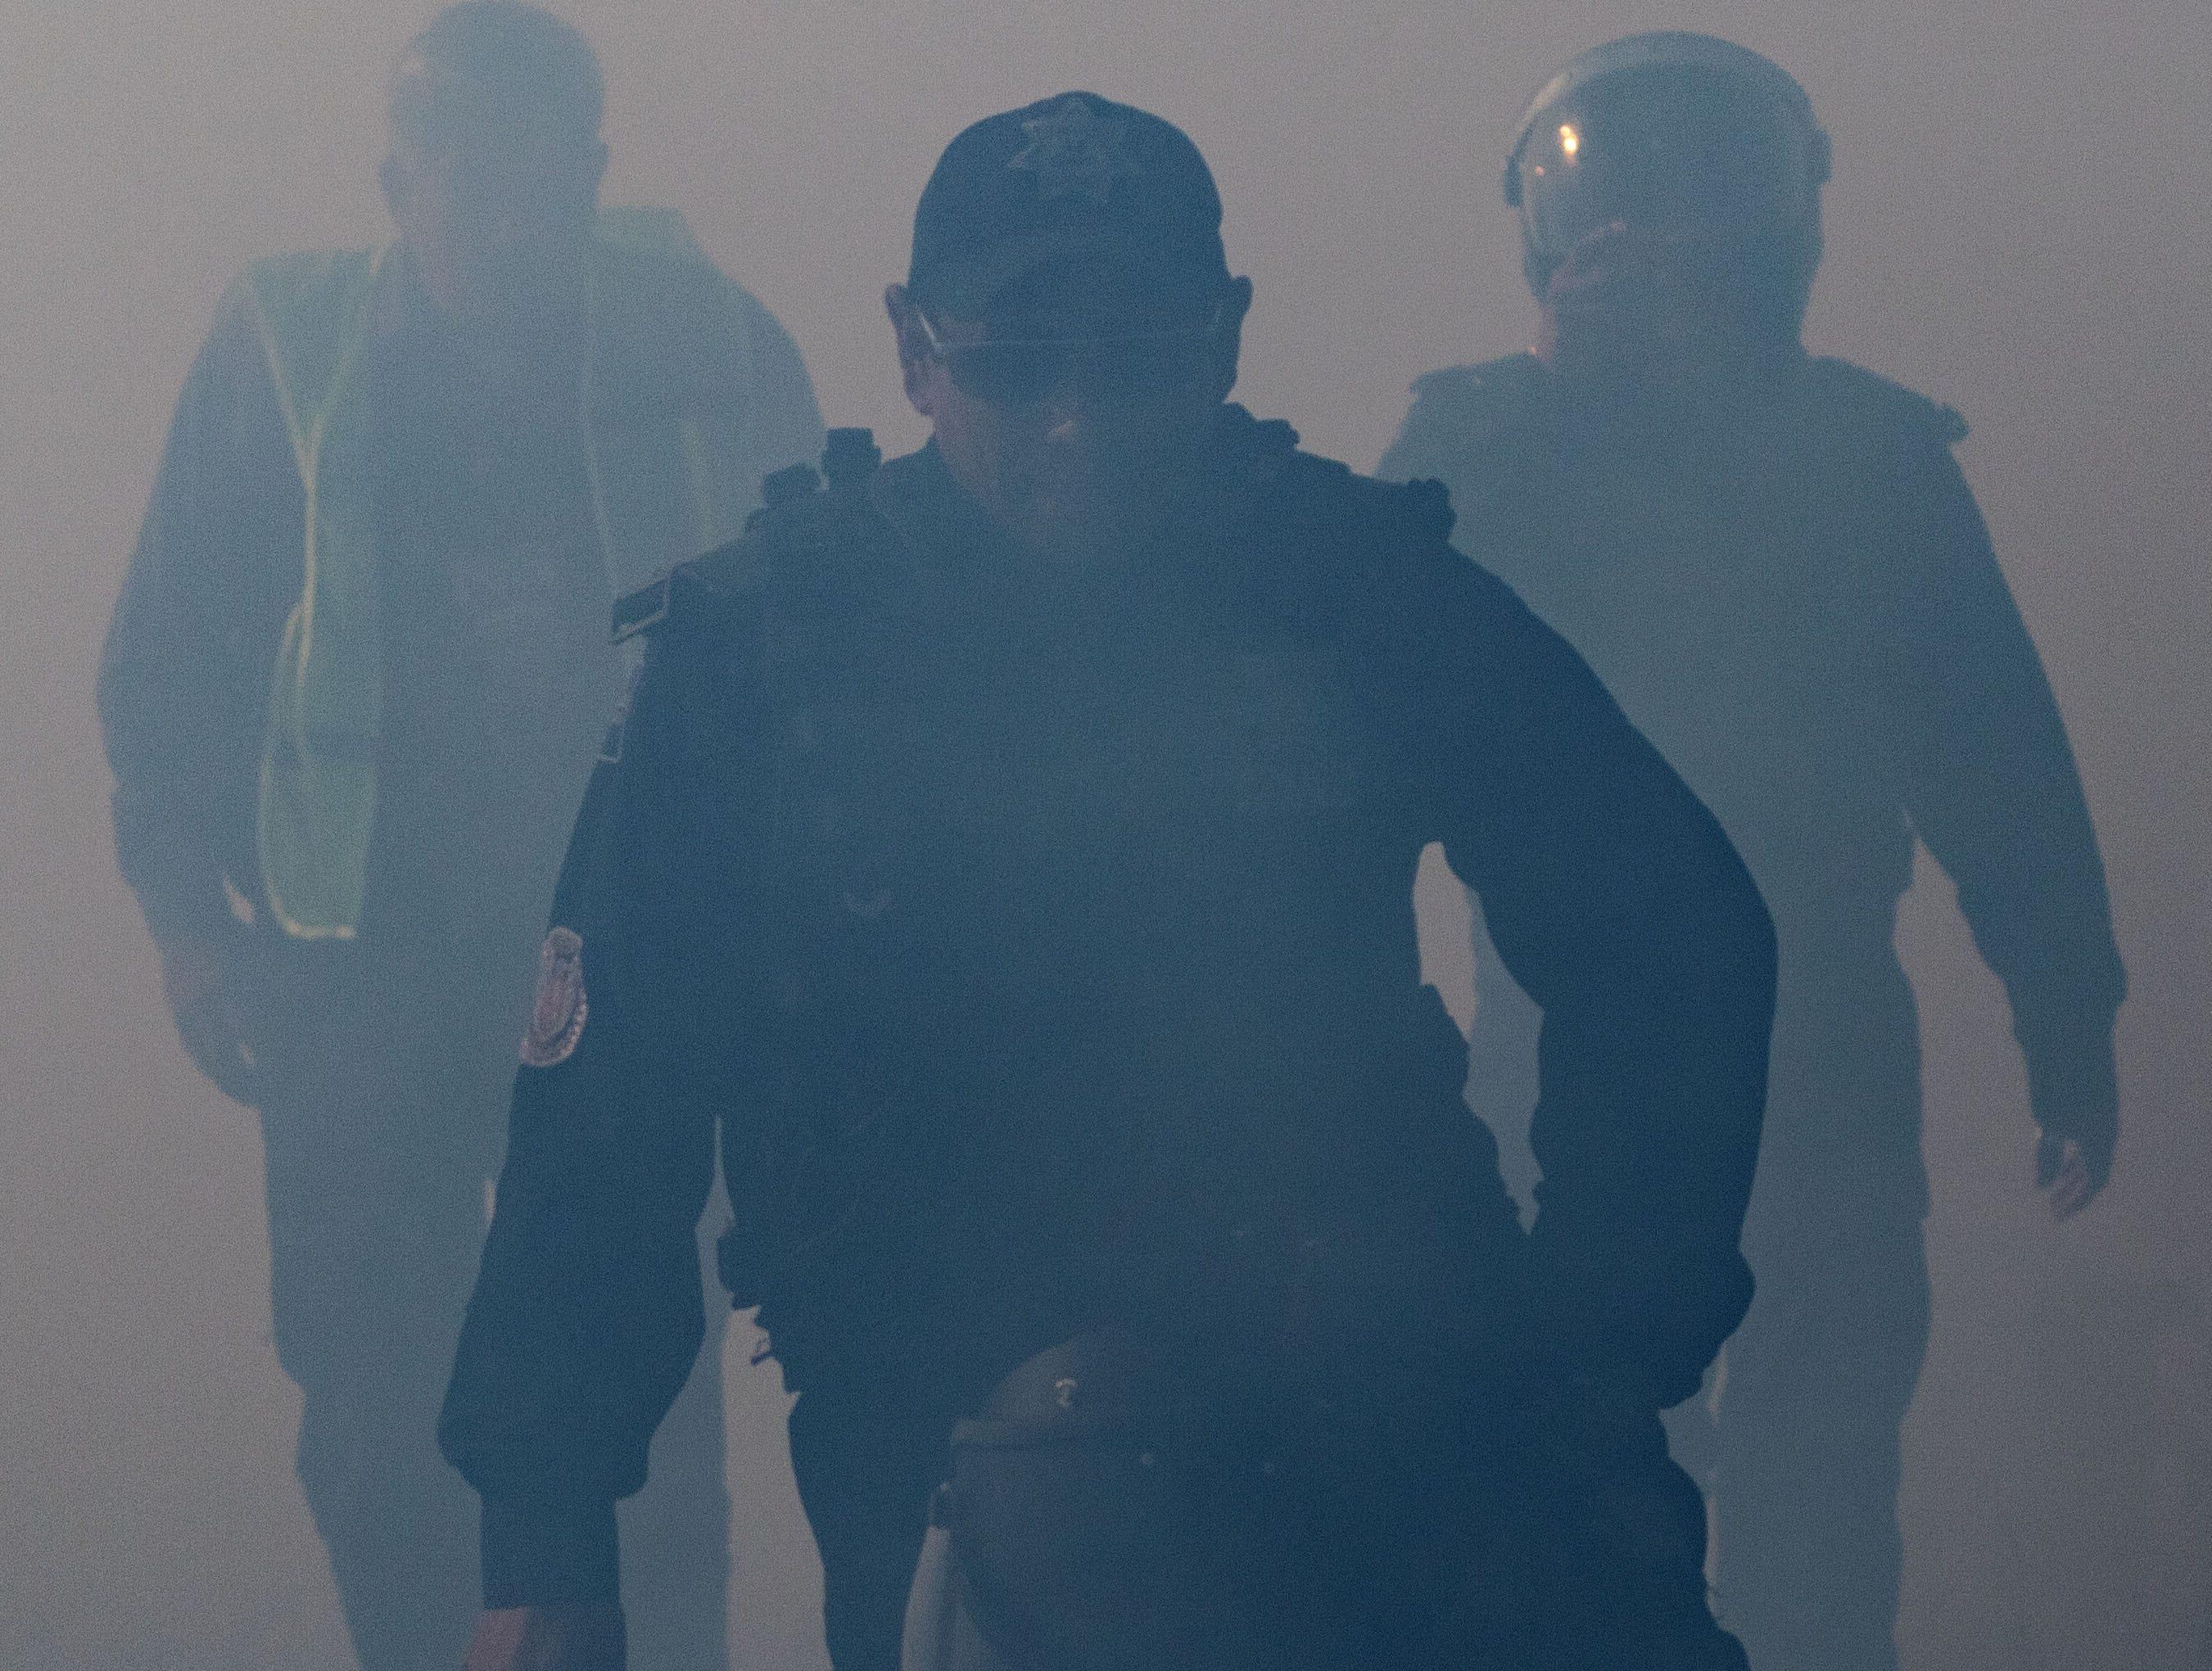 Los oficiales de la Policía Federal de México son vistos a través del humo de gas lacrimógeno lanzado por la Patrulla Fronteriza de los Estados Unidos para dispersar a los migrantes centroamericanos, principalmente hondureños, después de una supuesta disputa verbal, cerca del cruce de la frontera de El Chaparral en Tijuana, estado de Baja California, México, cerca de la frontera el 25 de noviembre de 2018.